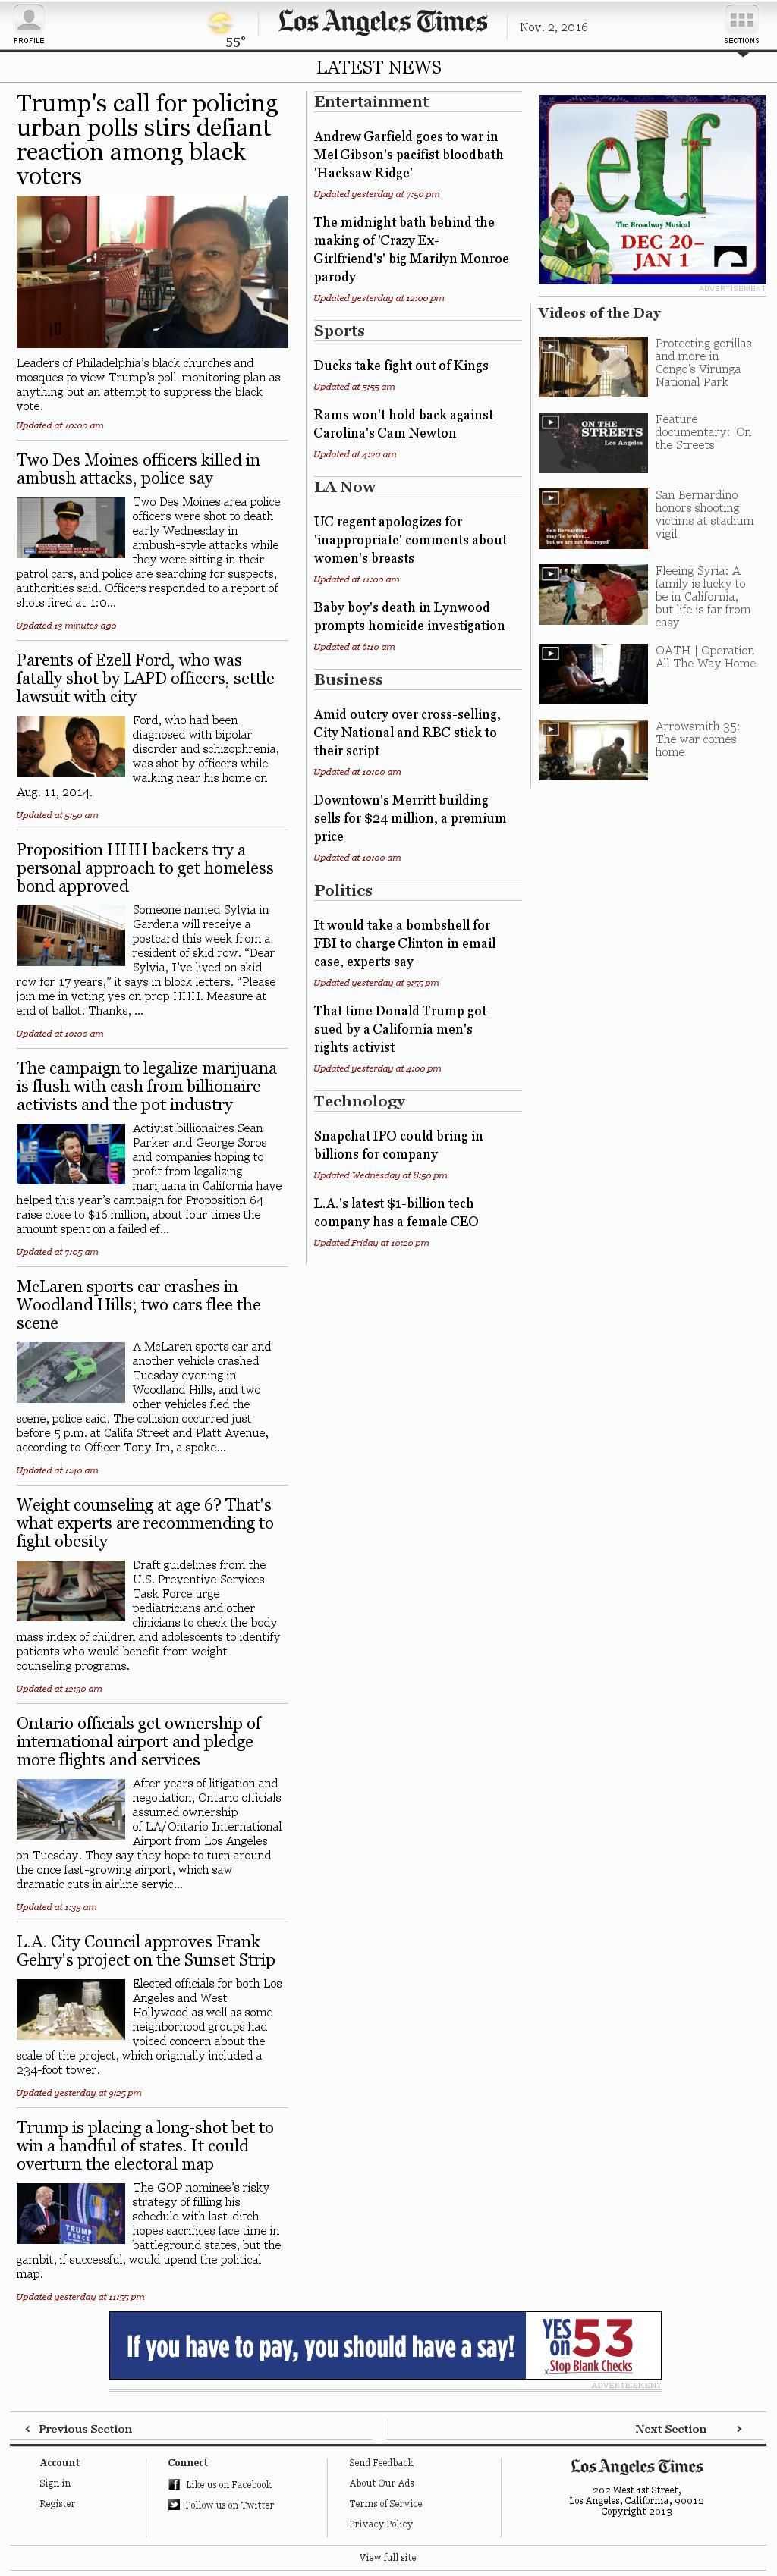 Los Angeles Times at Wednesday Nov. 2, 2016, 12:08 p.m. UTC